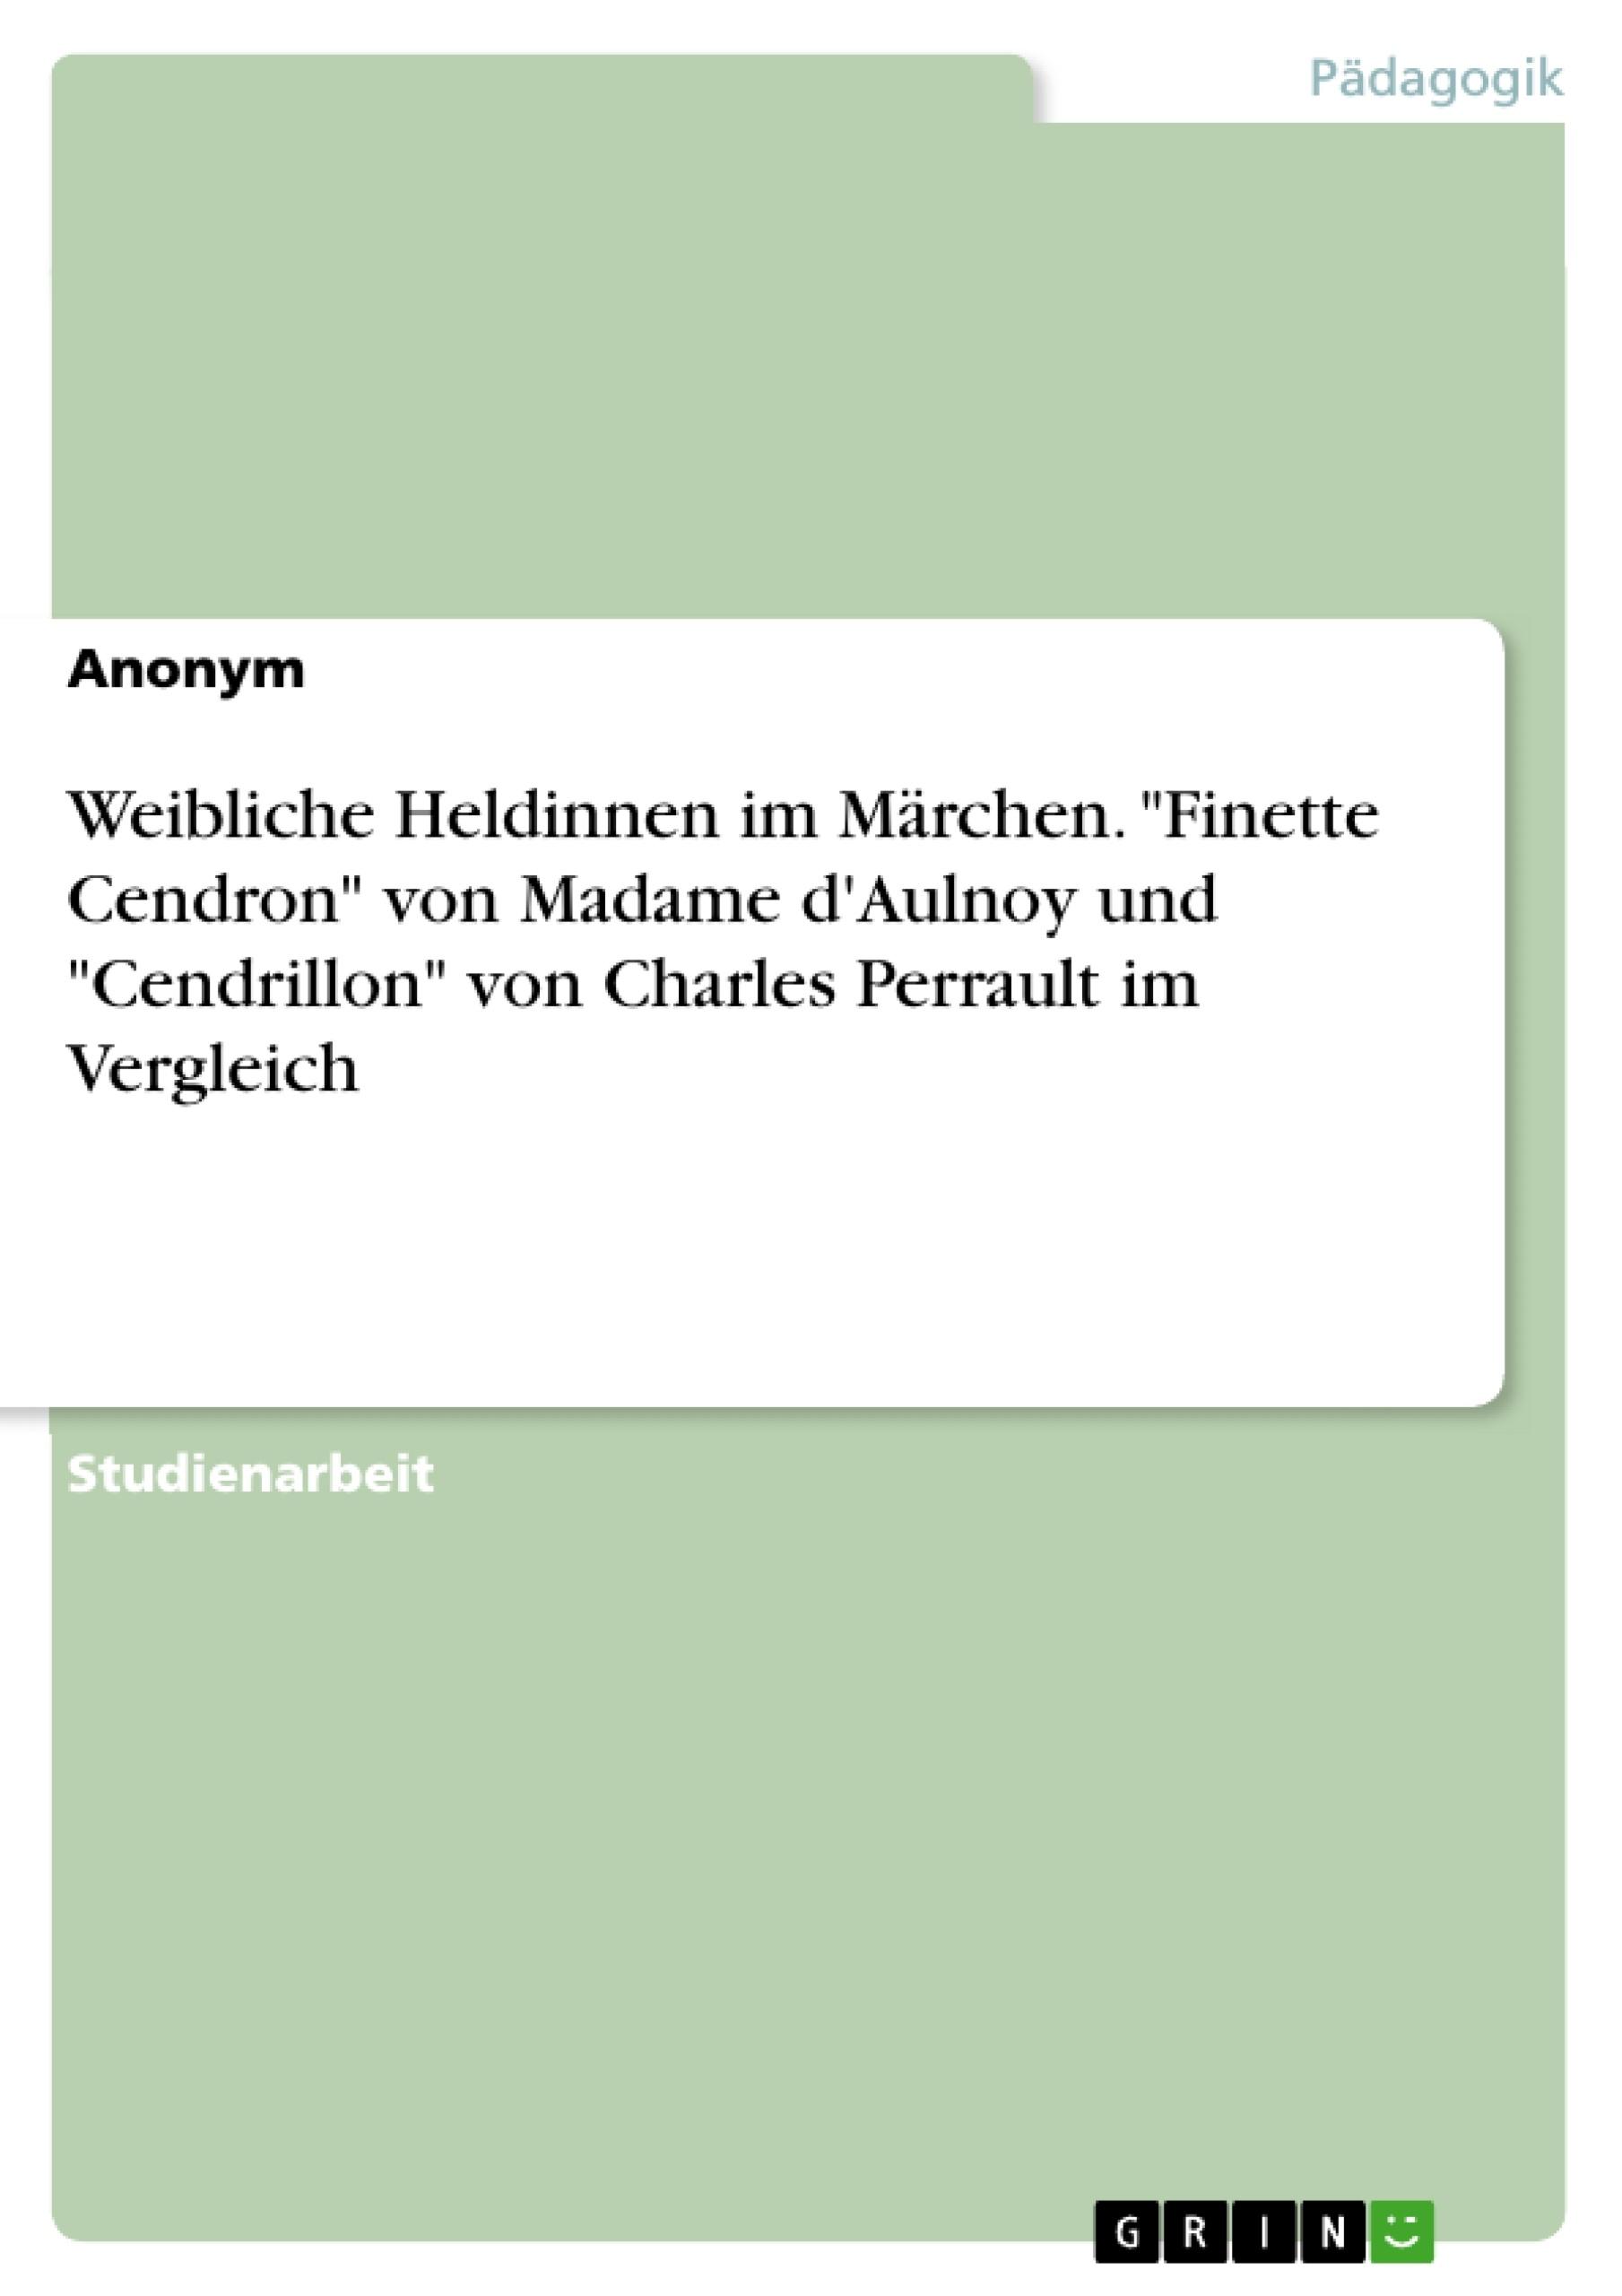 """Titel: Weibliche Heldinnen im Märchen. """"Finette Cendron"""" von Madame d'Aulnoy und """"Cendrillon"""" von Charles Perrault im Vergleich"""